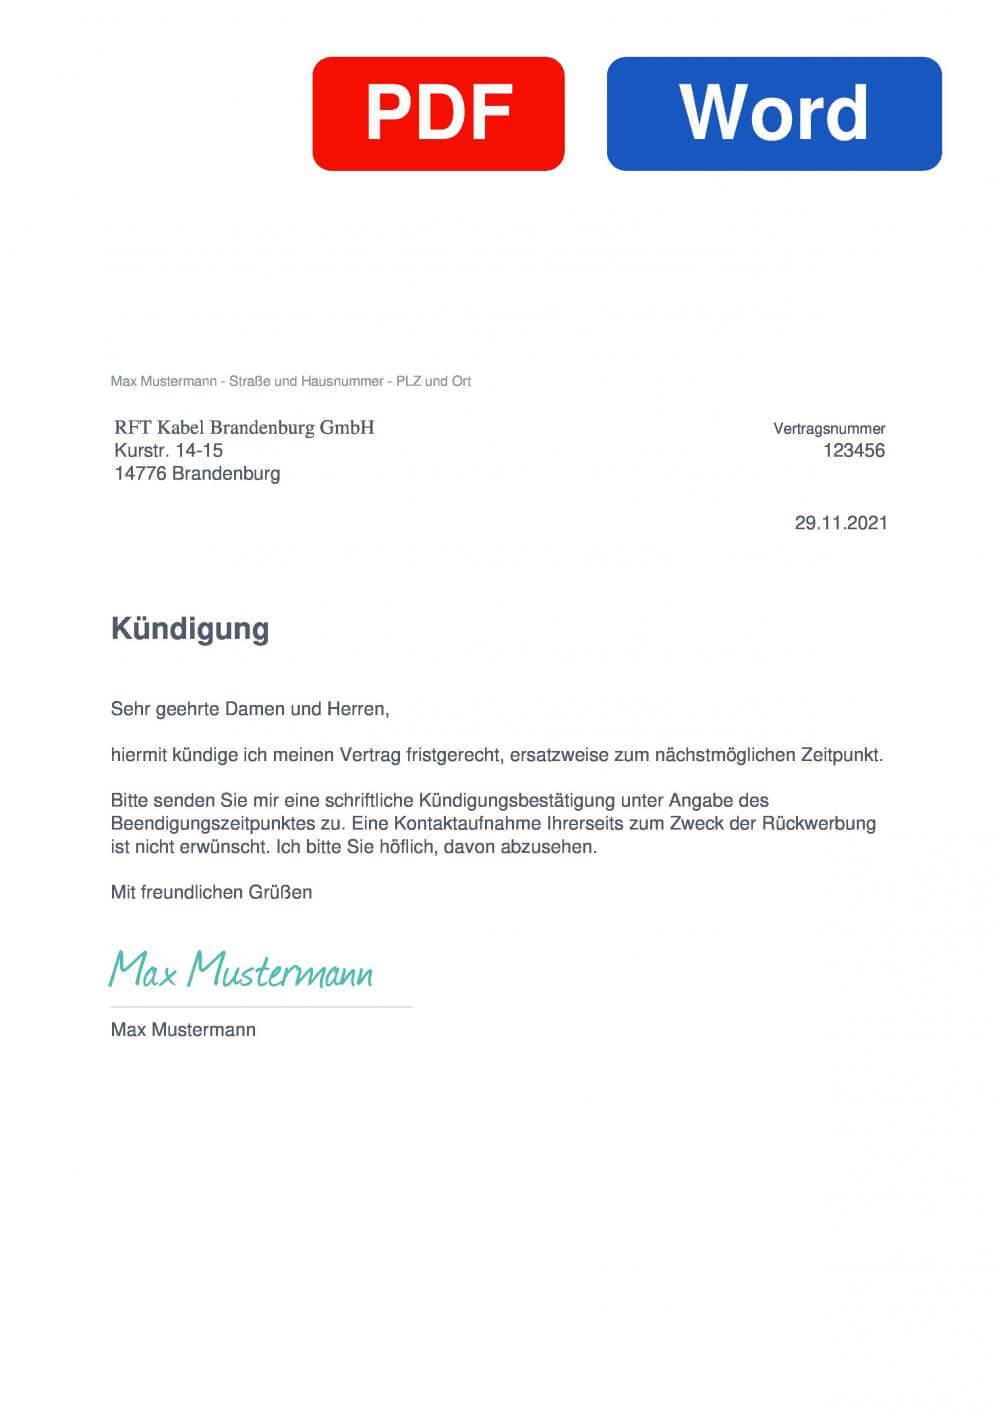 RFT Kabel Muster Vorlage für Kündigungsschreiben